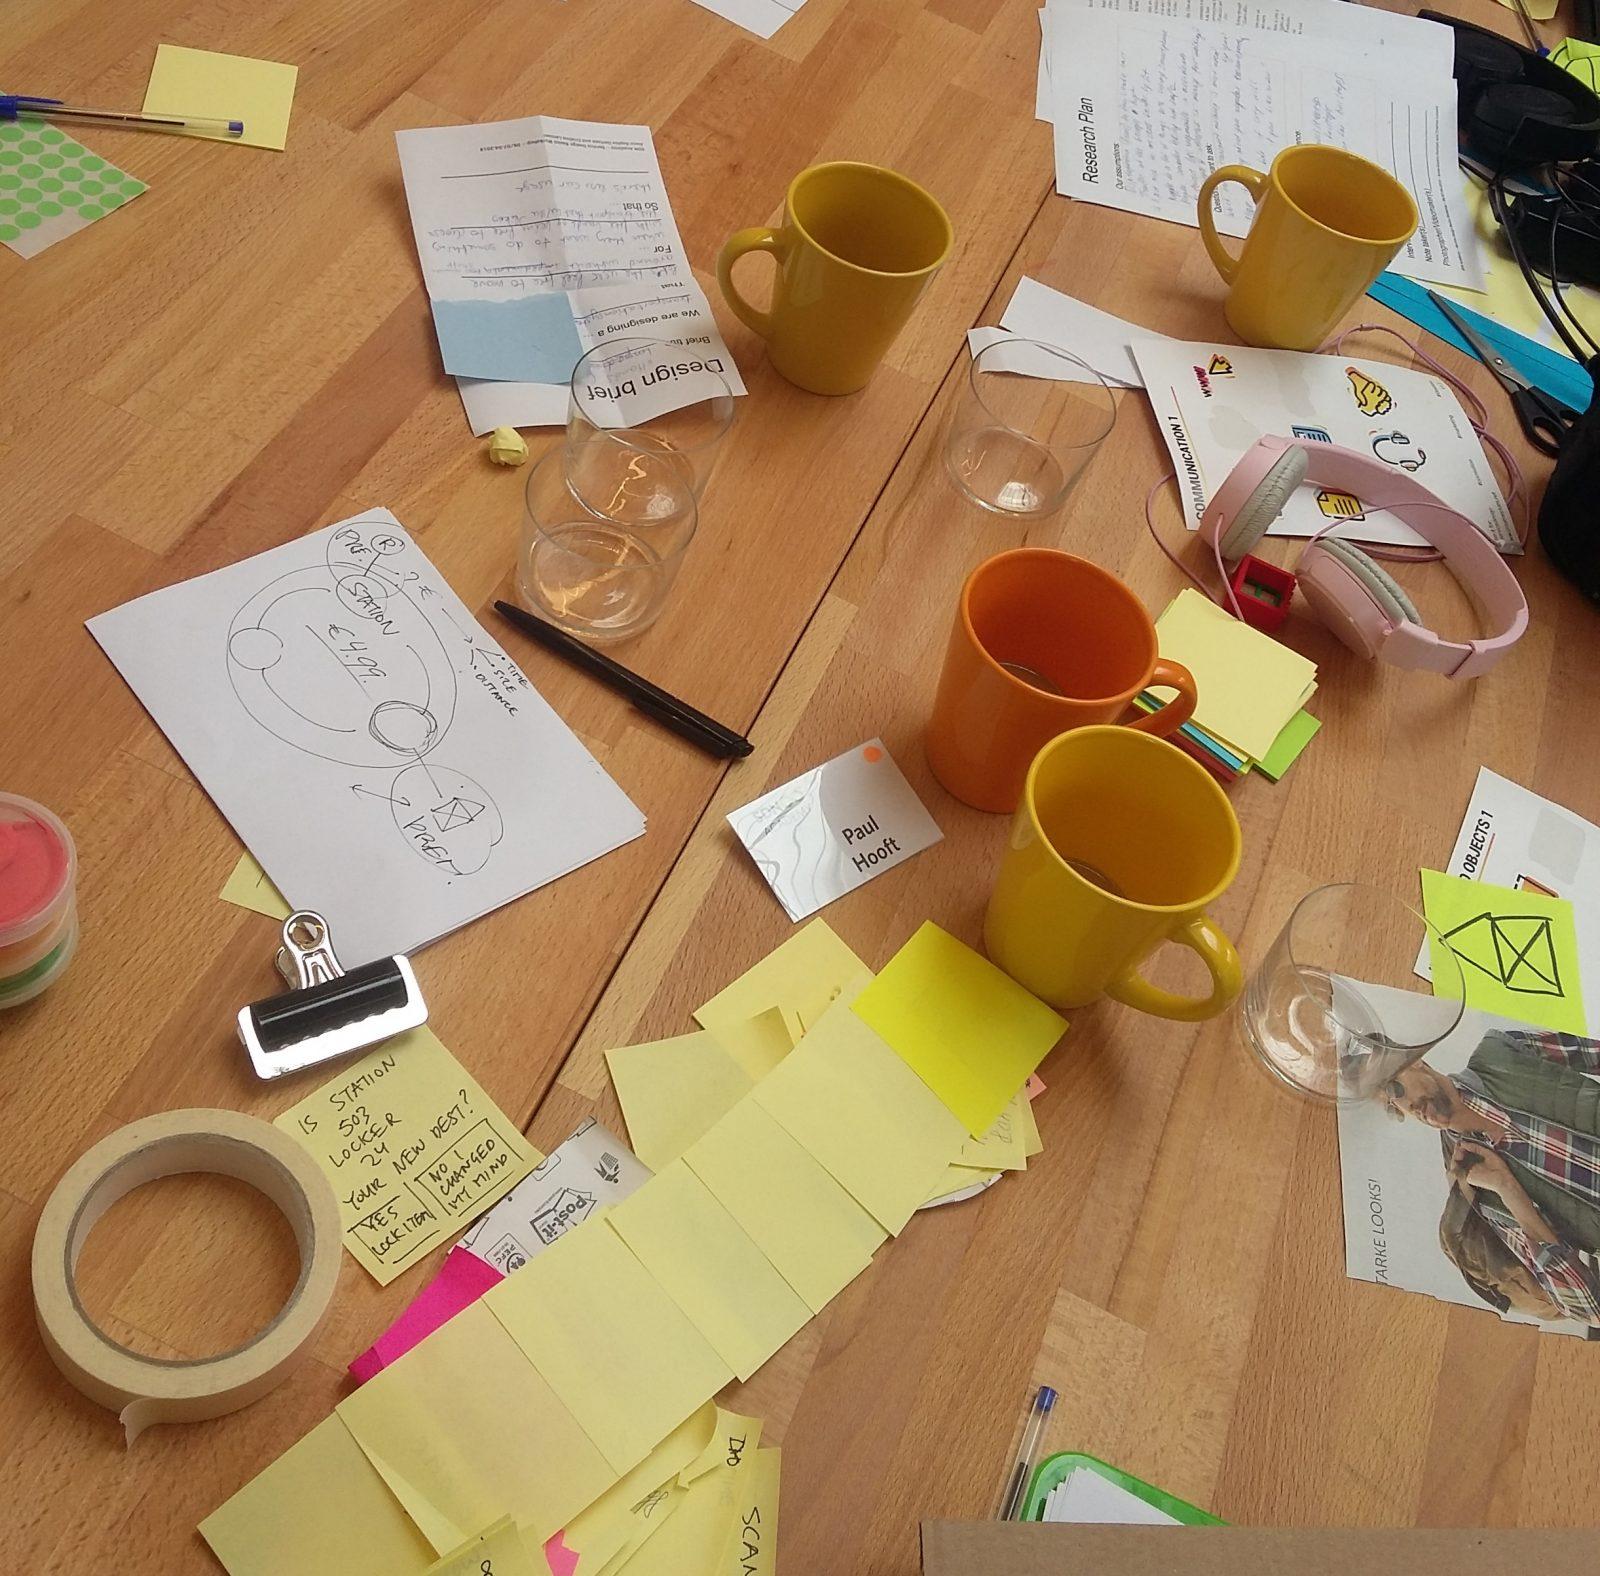 Servicekomplizen_Servicepioniere_Service_Design_Workshop (4)